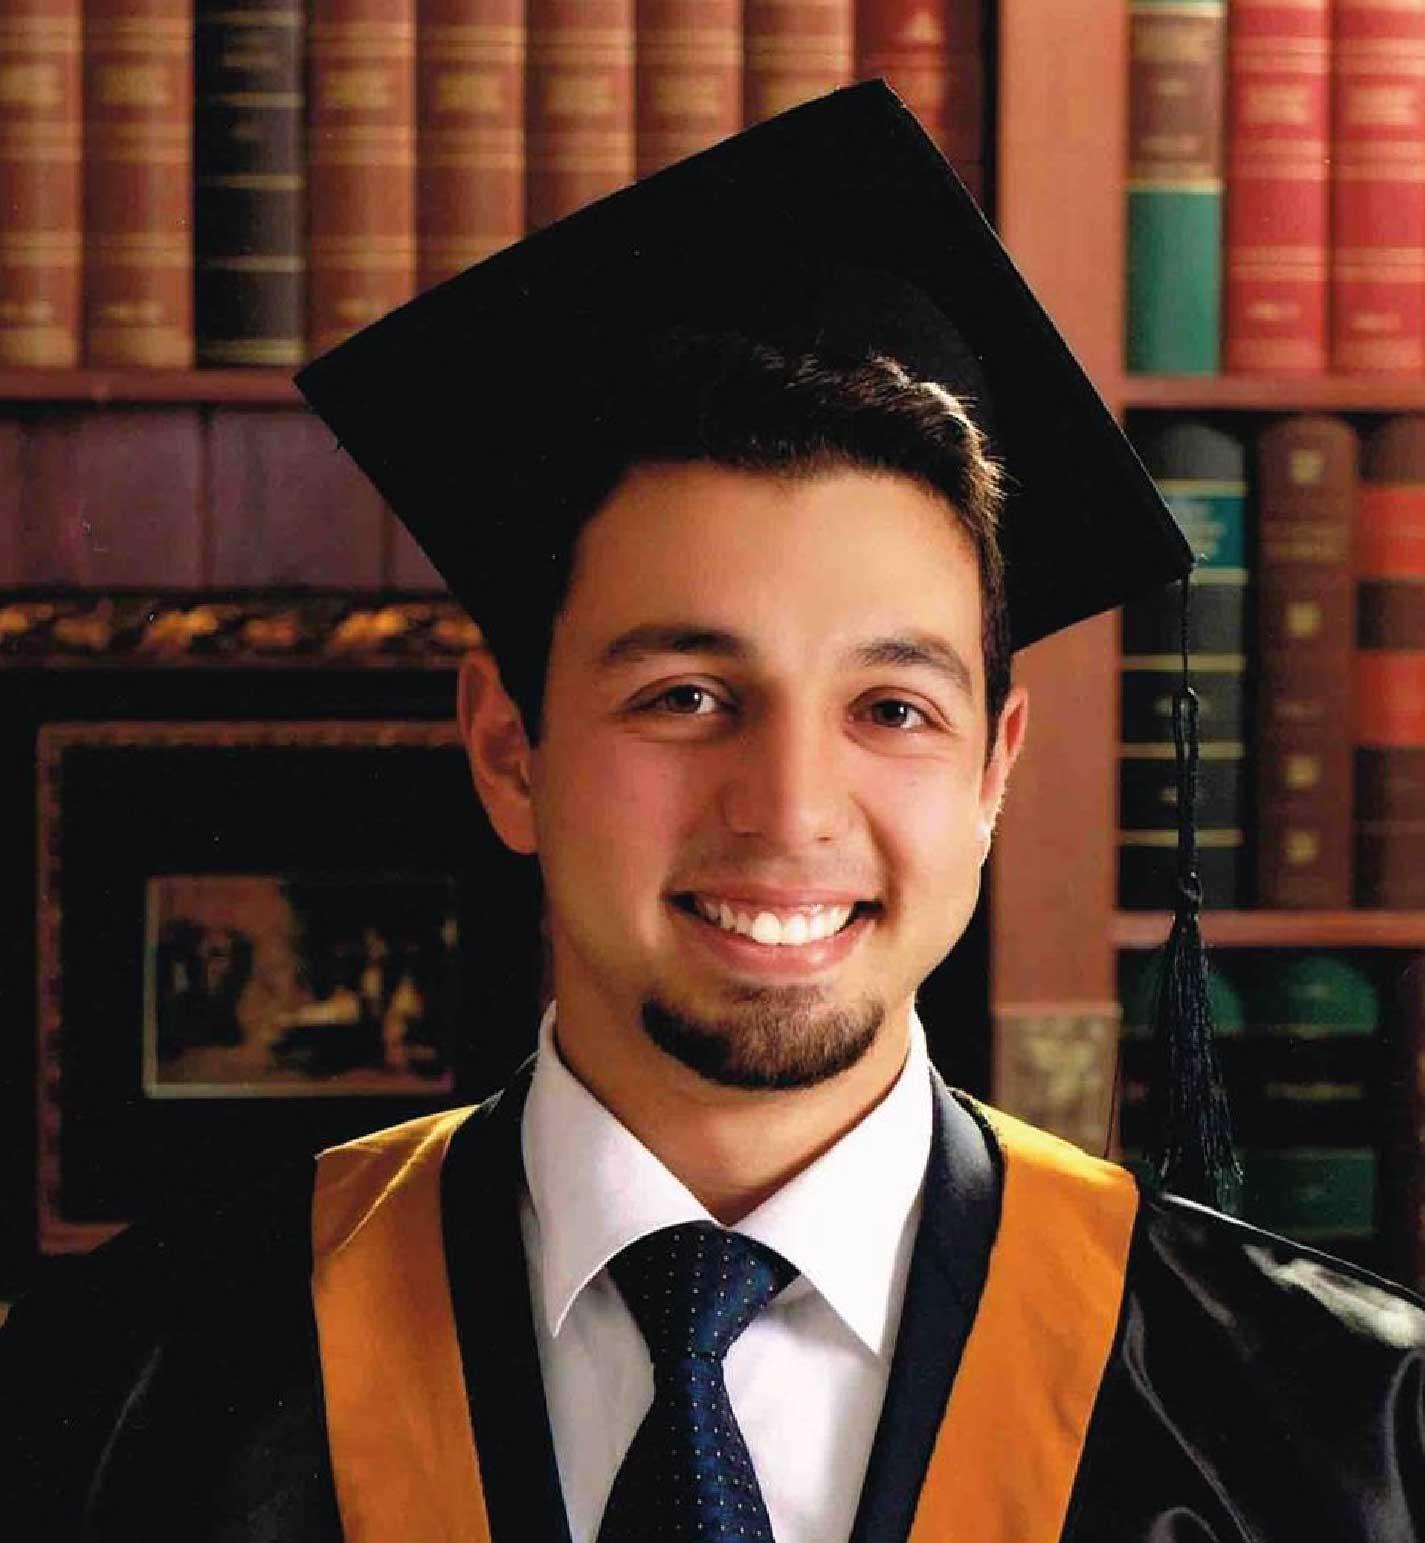 Eng. Adnan Darwish Ahmad